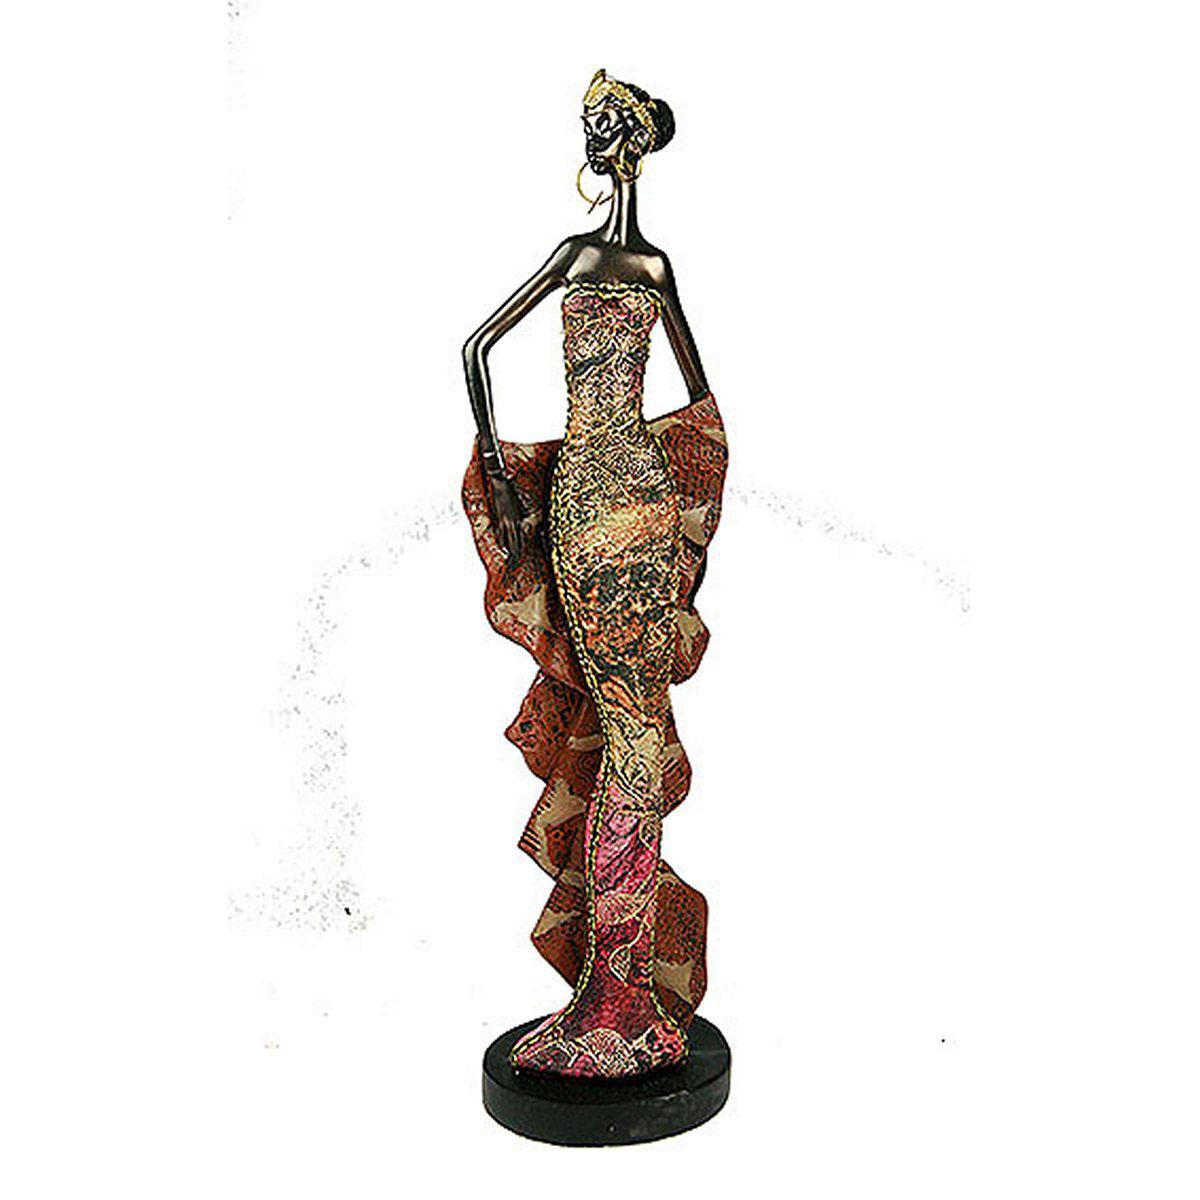 Статуэтка Русские Подарки Африканка, 7 х 9 х 33 см28907 4Статуэтка Русские Подарки Африканка, изготовленная из полистоуна, имеет изысканный внешний вид. Изделие станет прекрасным украшением интерьера гостиной, офиса или дома. Вы можете поставить статуэтку в любое место, где она будет удачно смотреться и радовать глаз. Правила ухода: регулярно вытирать пыль сухой, мягкой тканью.